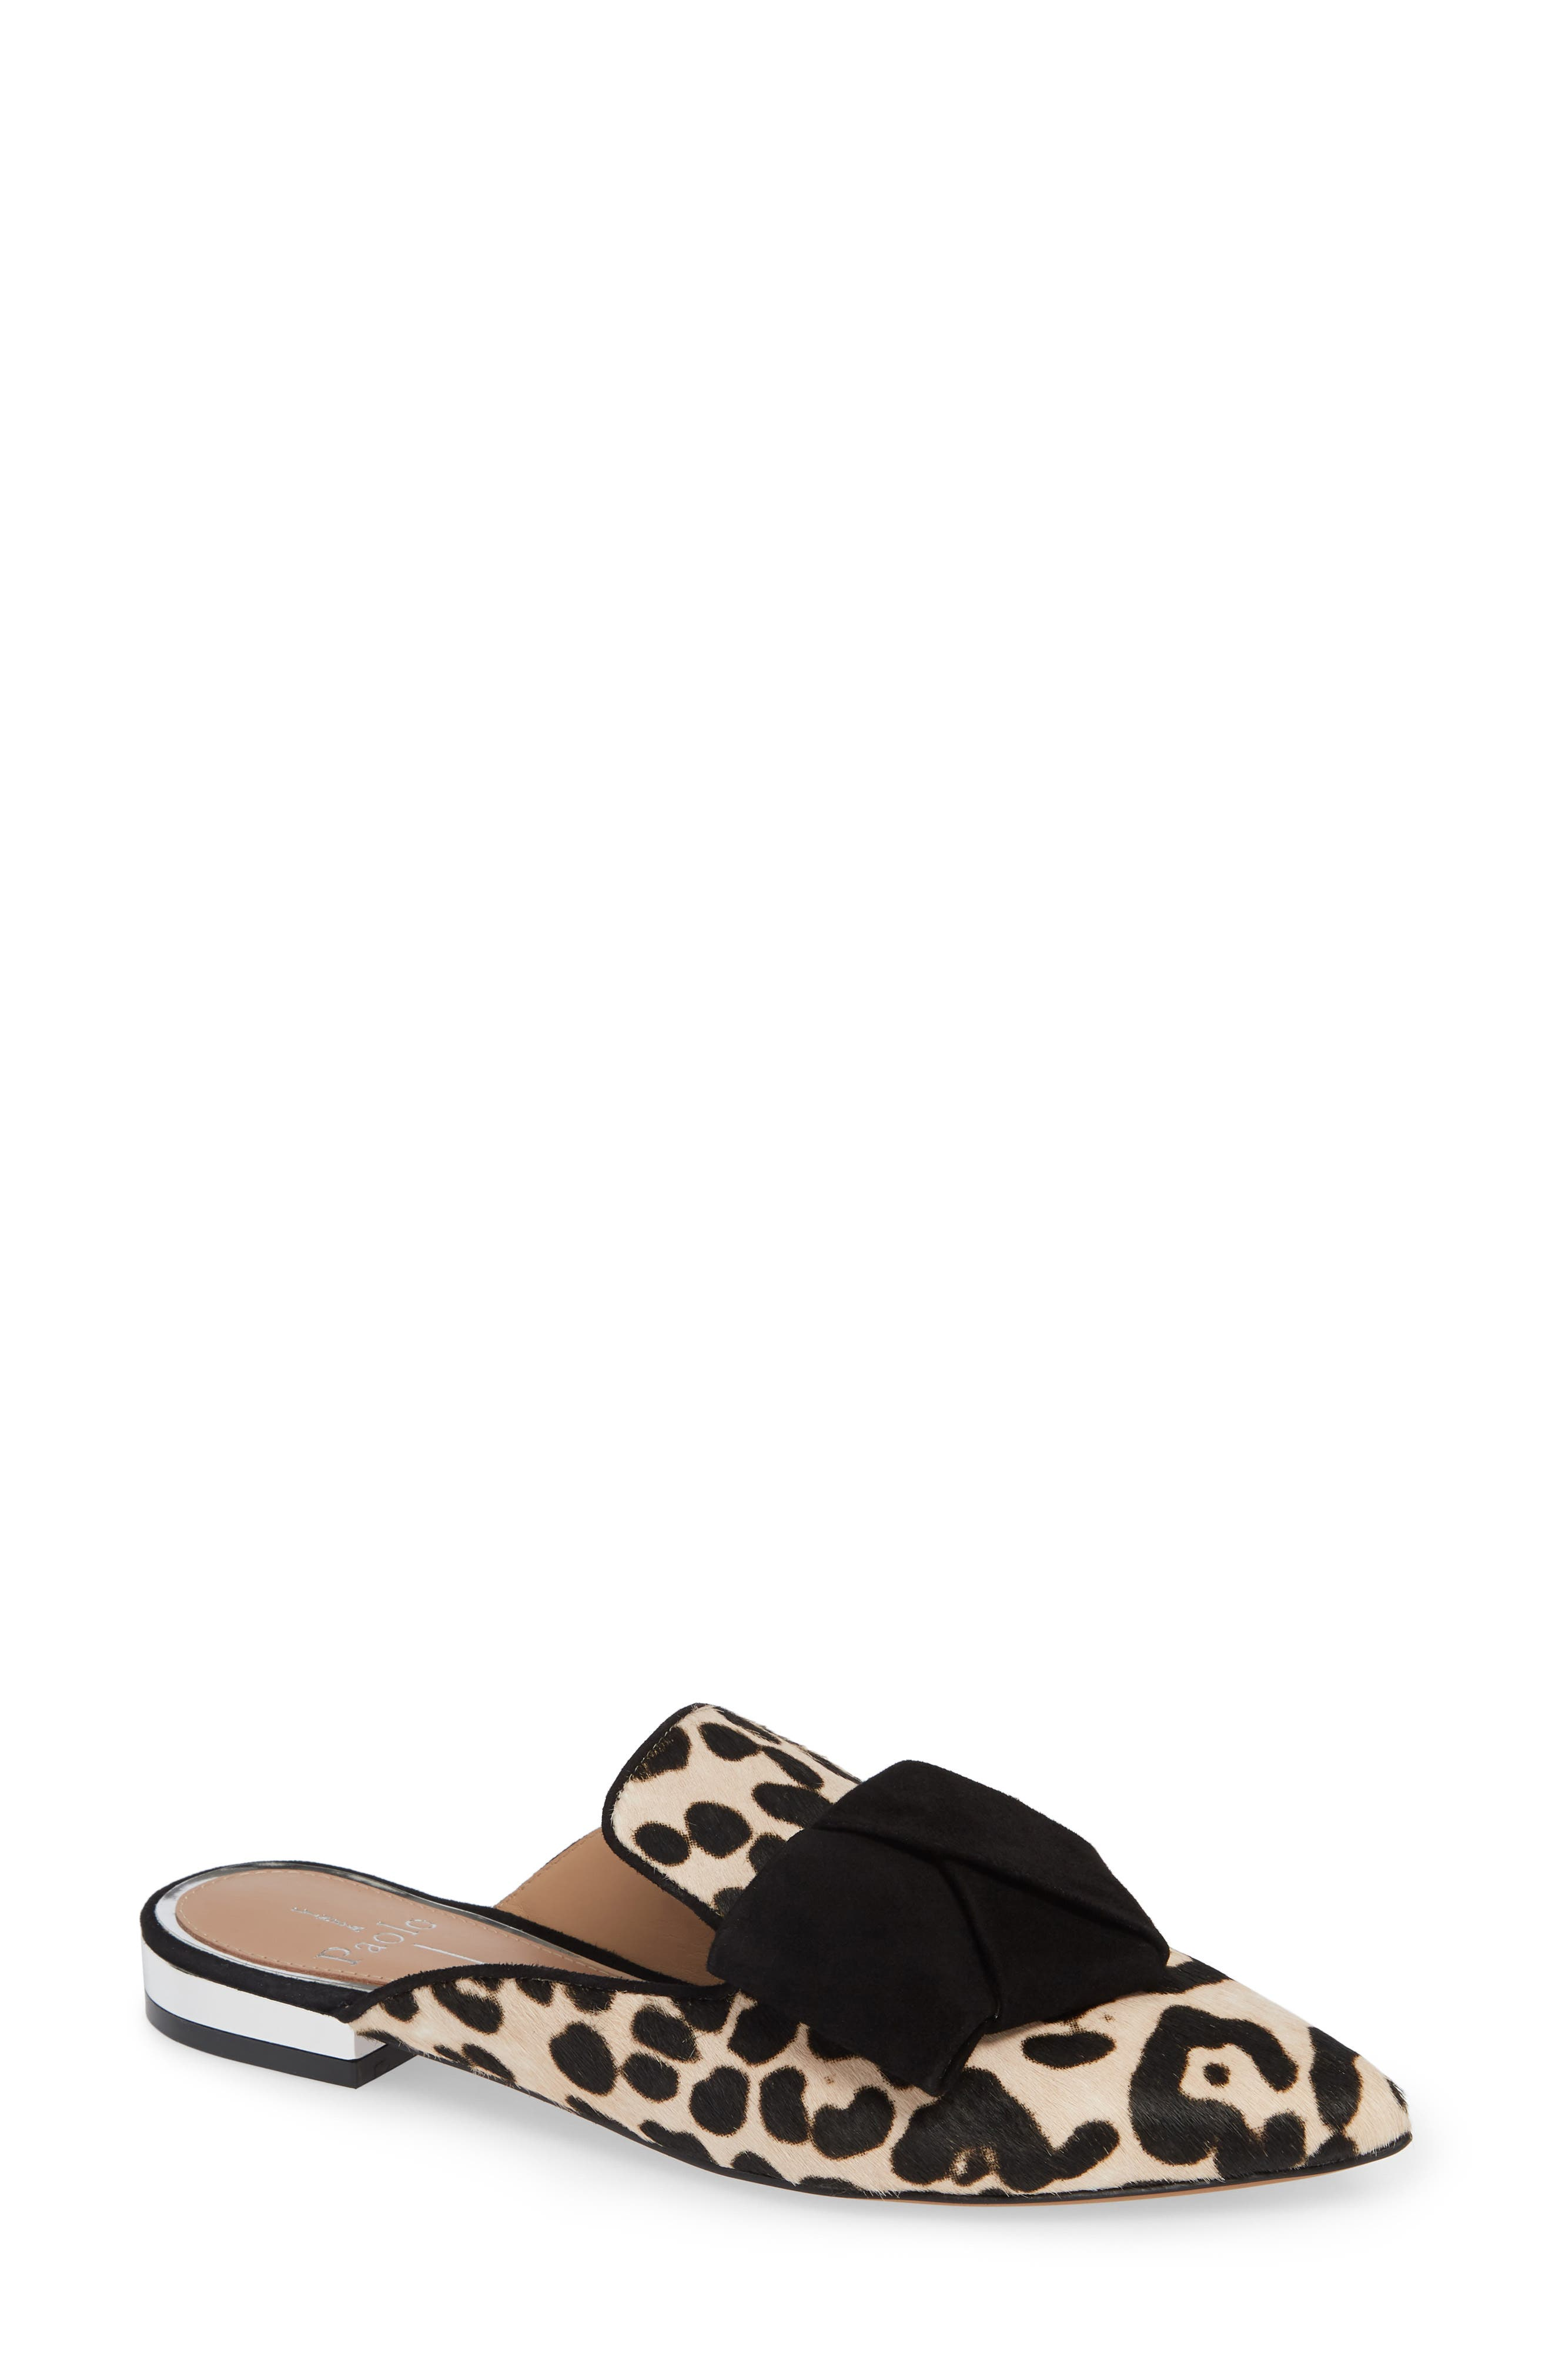 LINEA PAOLO Anya Genuine Calf Hair Bow Mule, Main, color, WHITE/ BLACK PRINT HAIRCALF